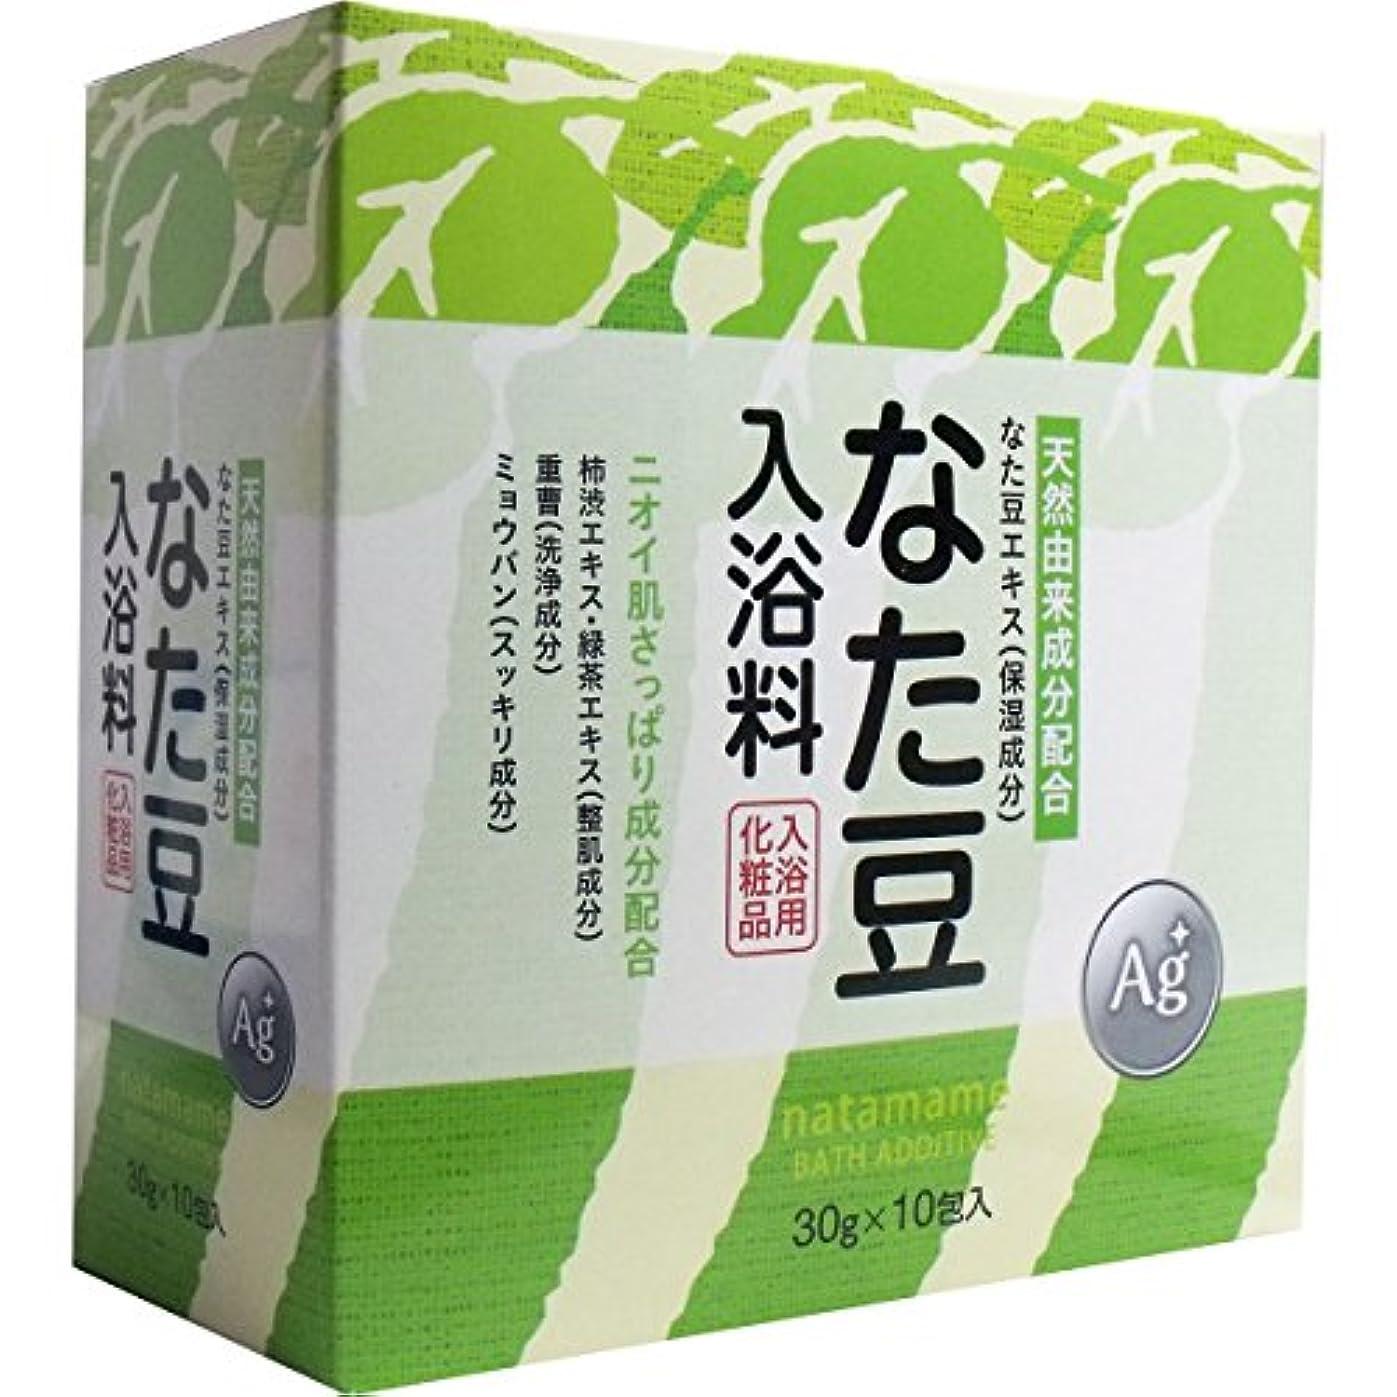 季節利用可能甘くするなた豆入浴料 入浴用化粧品 30g×10包入×10